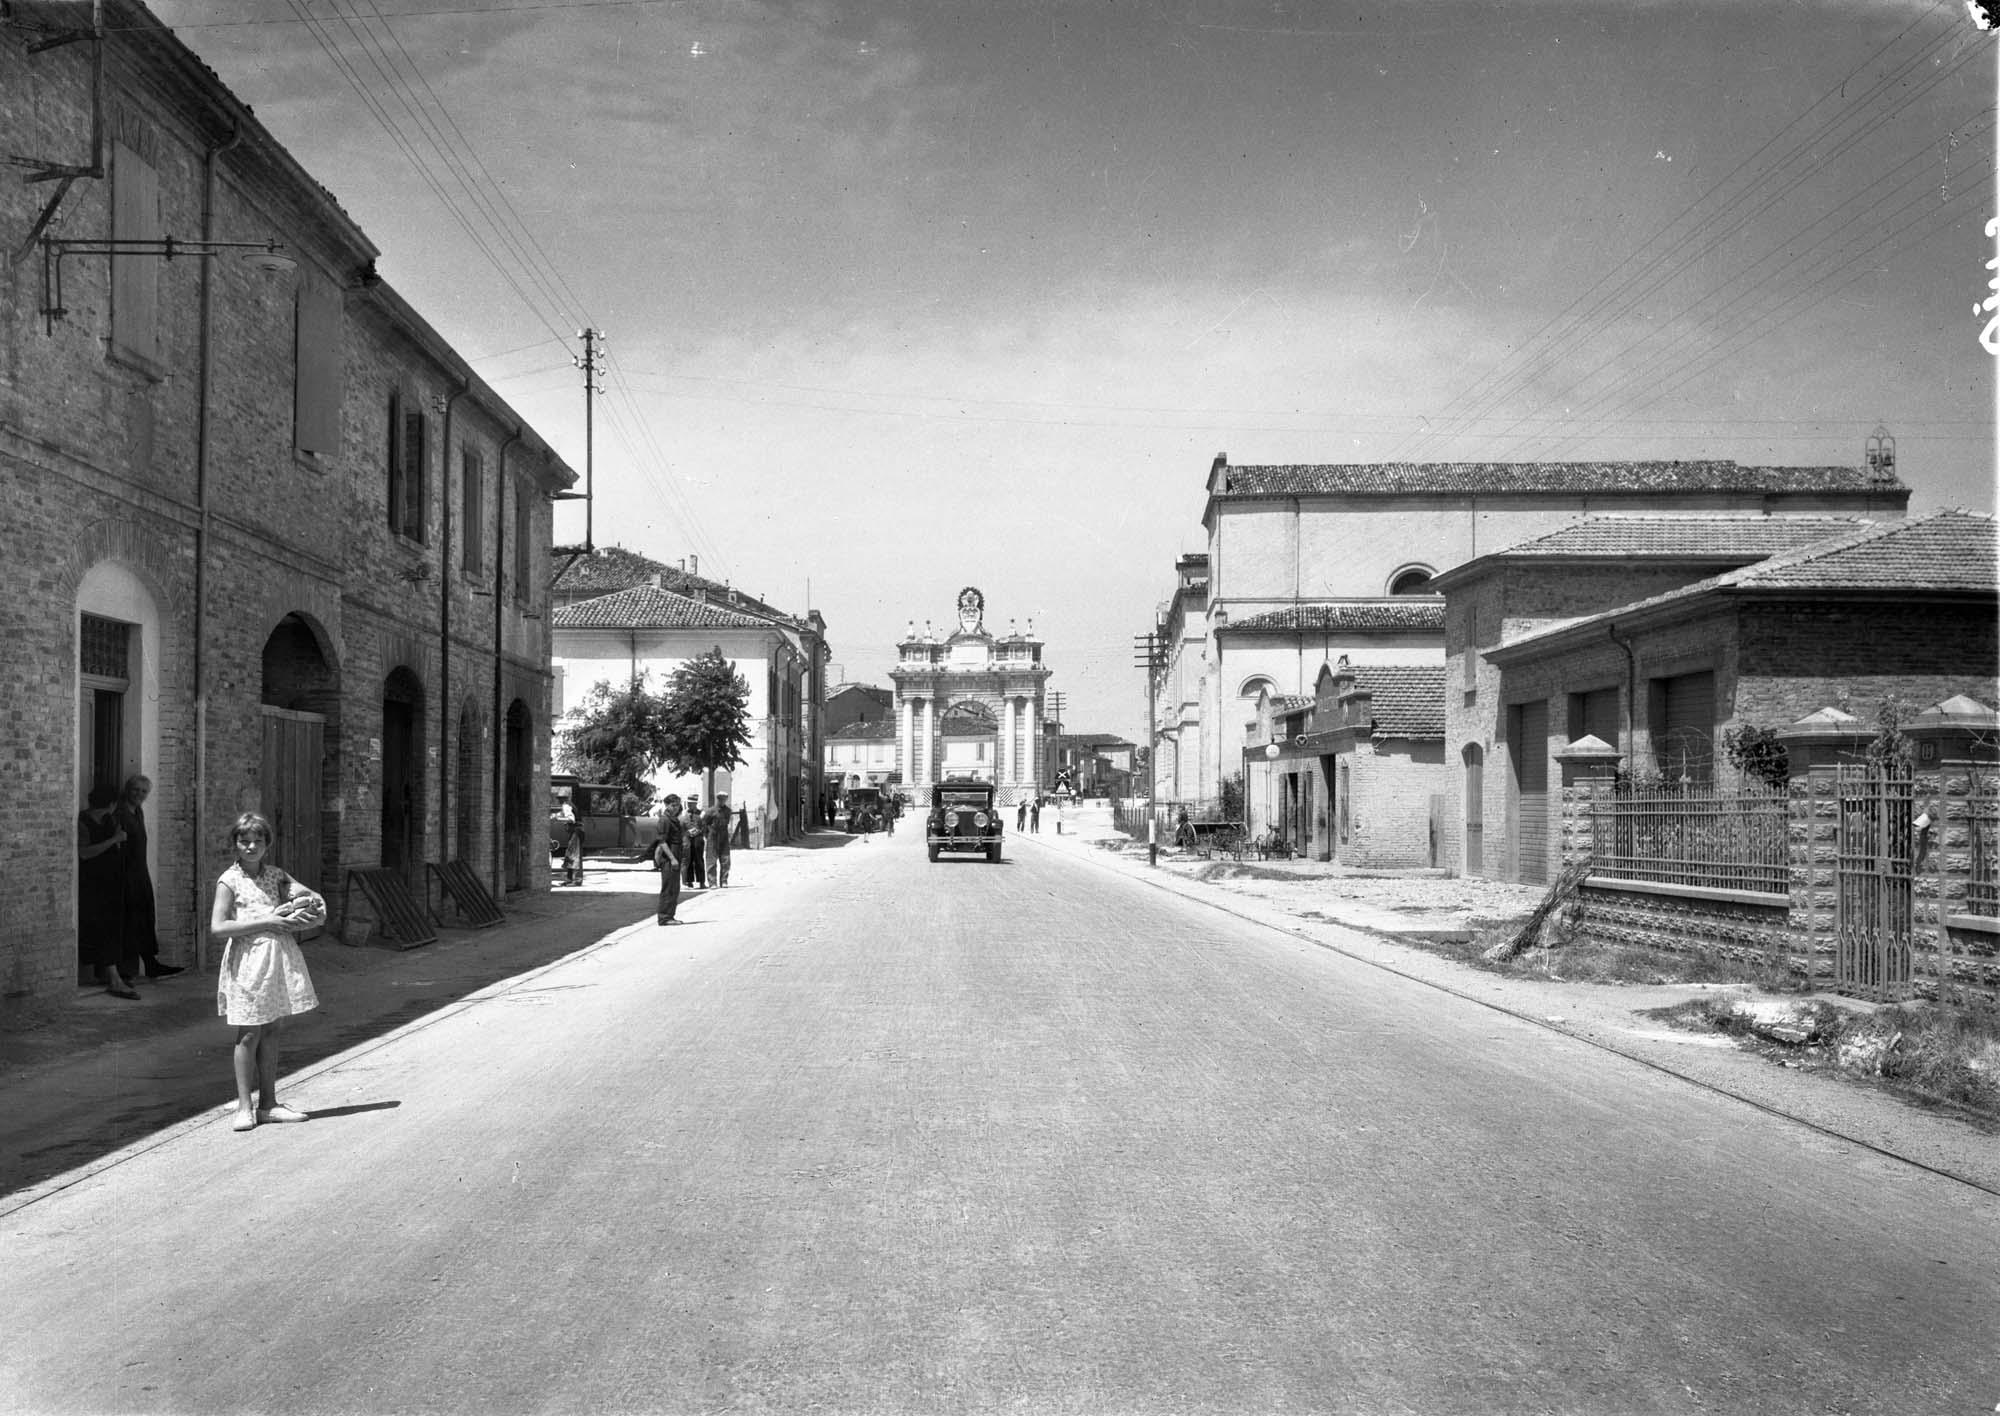 Esplorazioni dell'archivio. Fotografie della Via Emilia